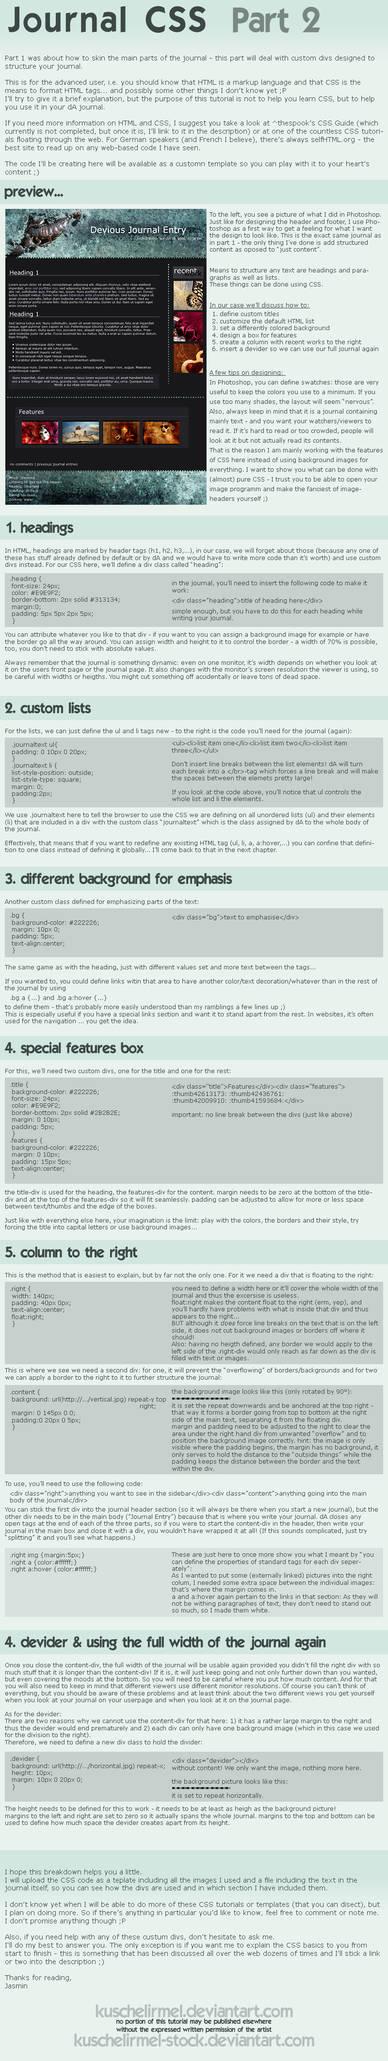 Journal CSS - Part 2